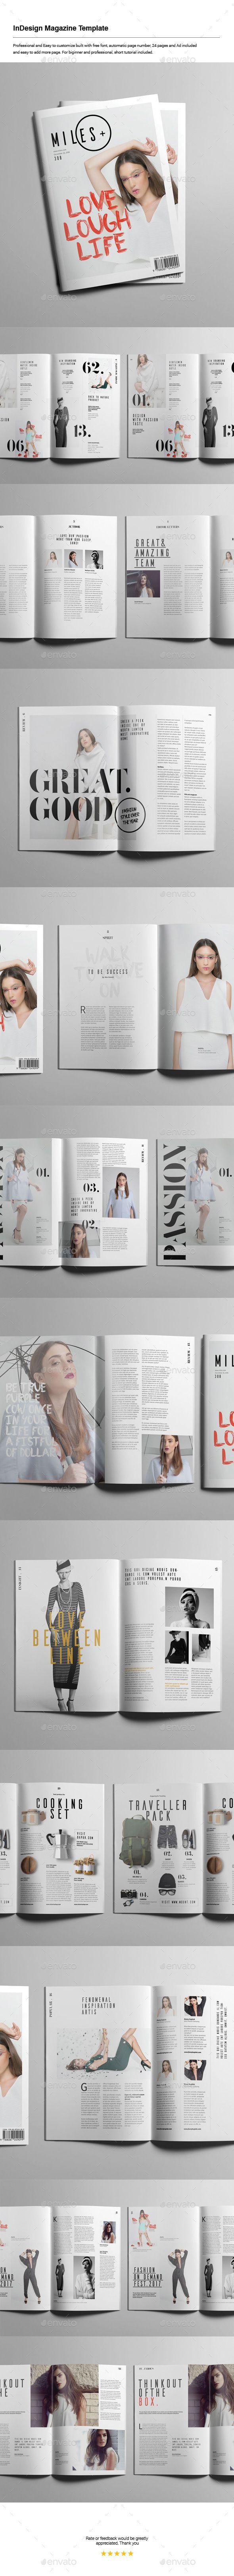 InDesign Magazine Template | El periodico, Formato y Pienso